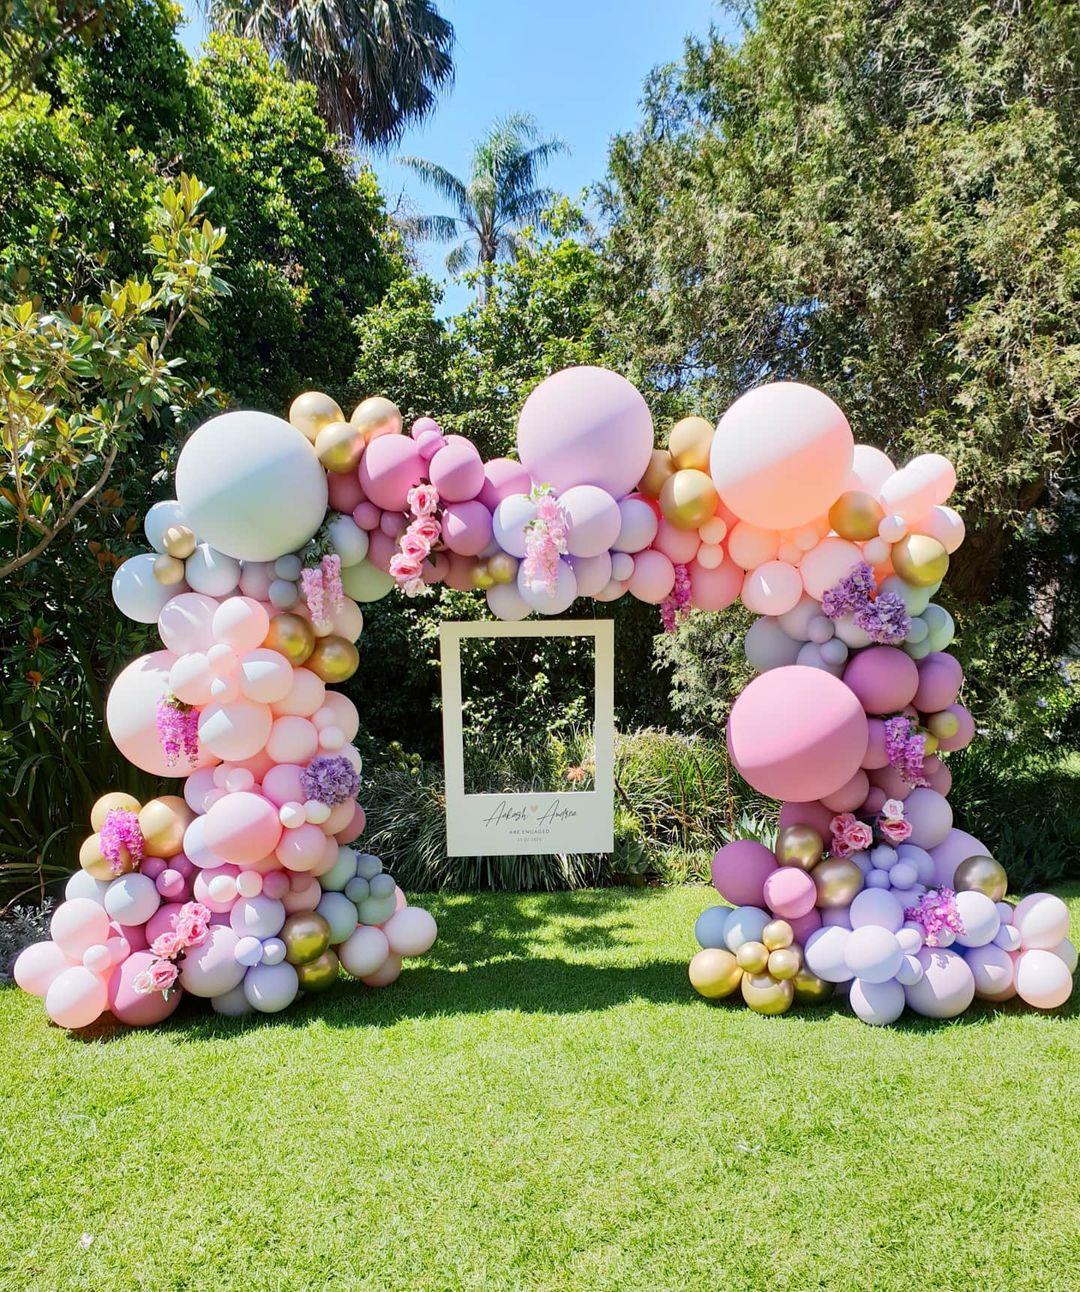 balloon decor at photo booth